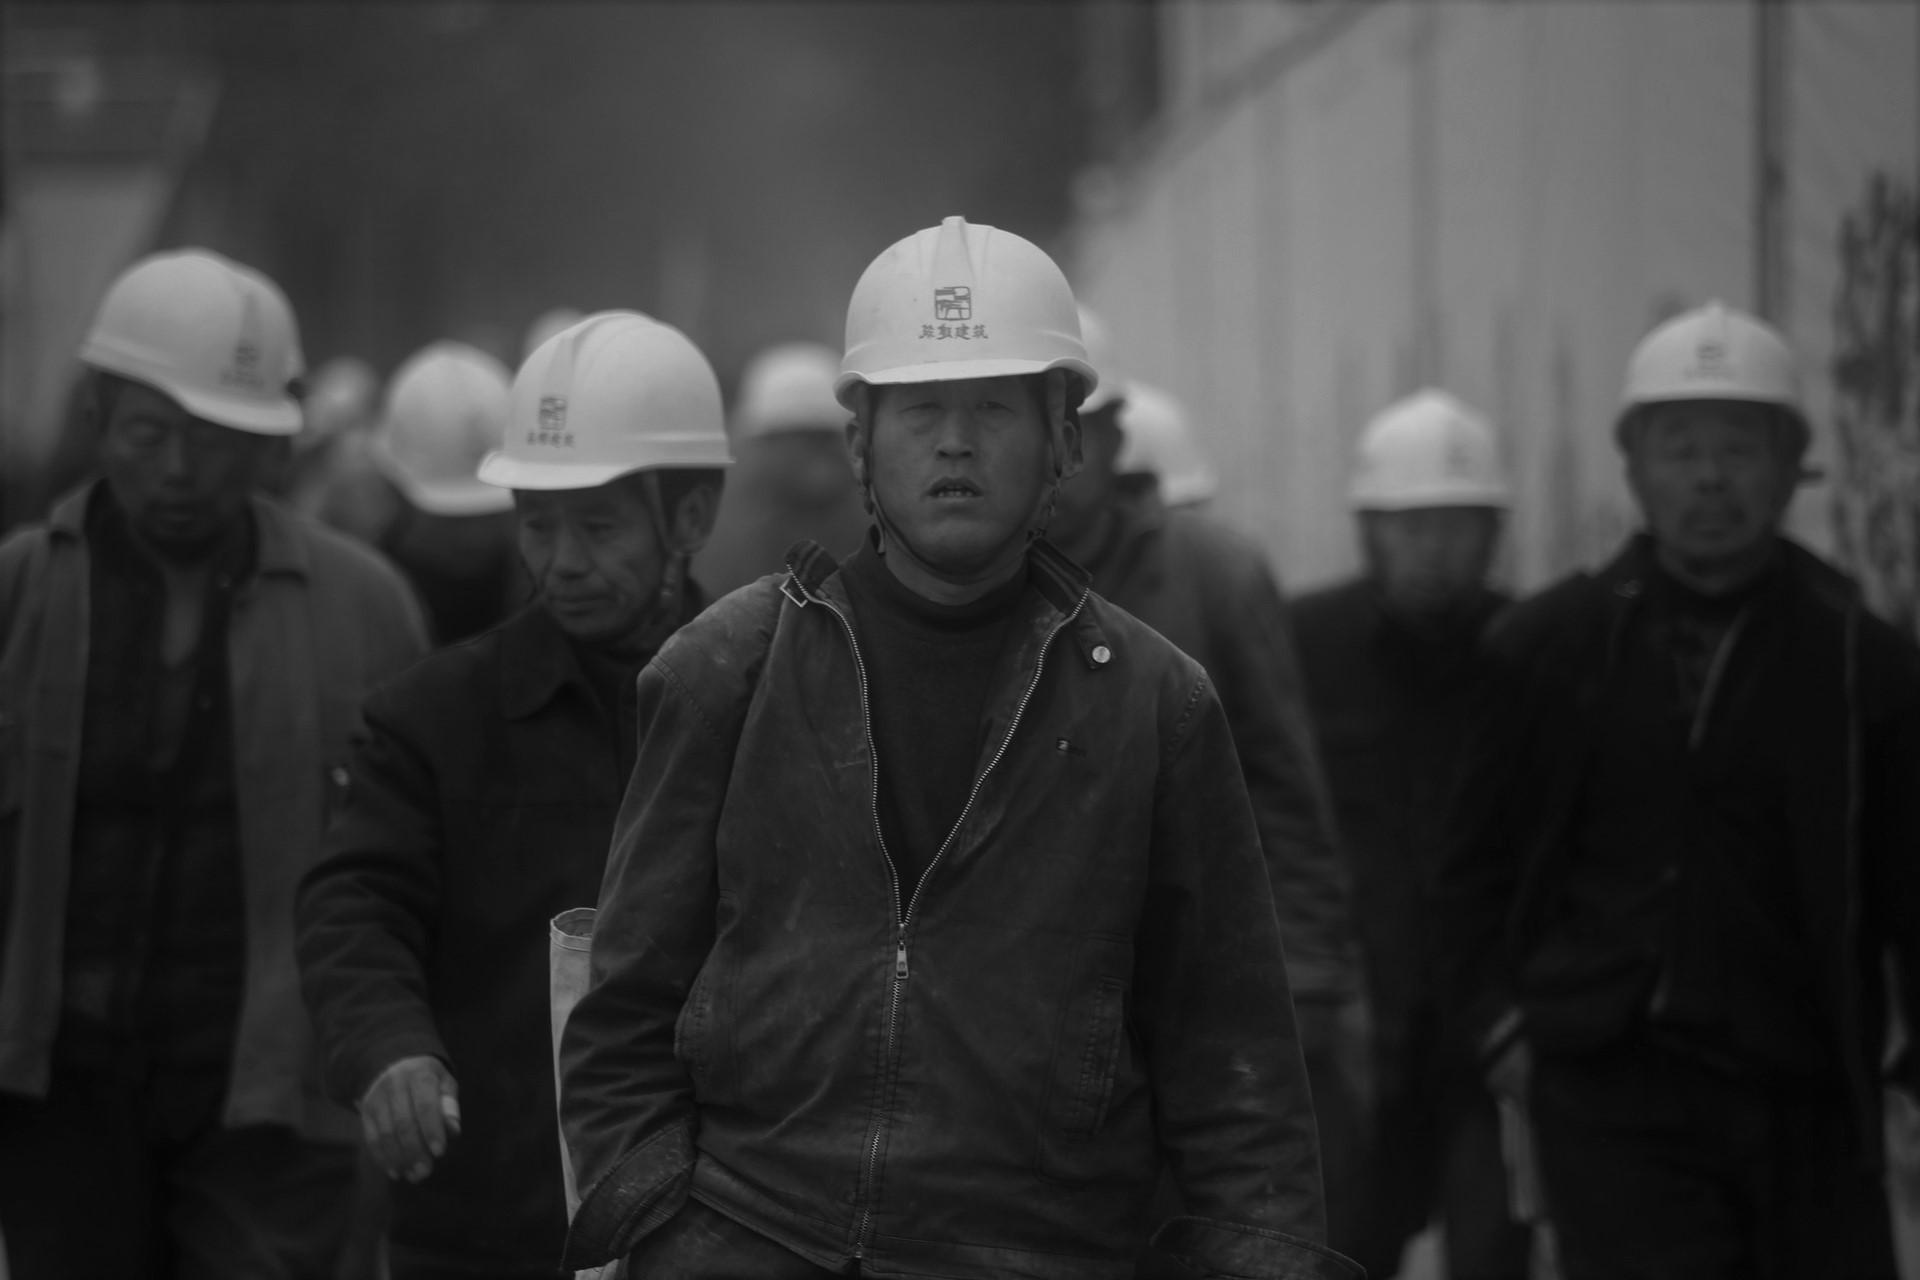 黒部ダムの建設秘話【建設会社や建設費も紹介】